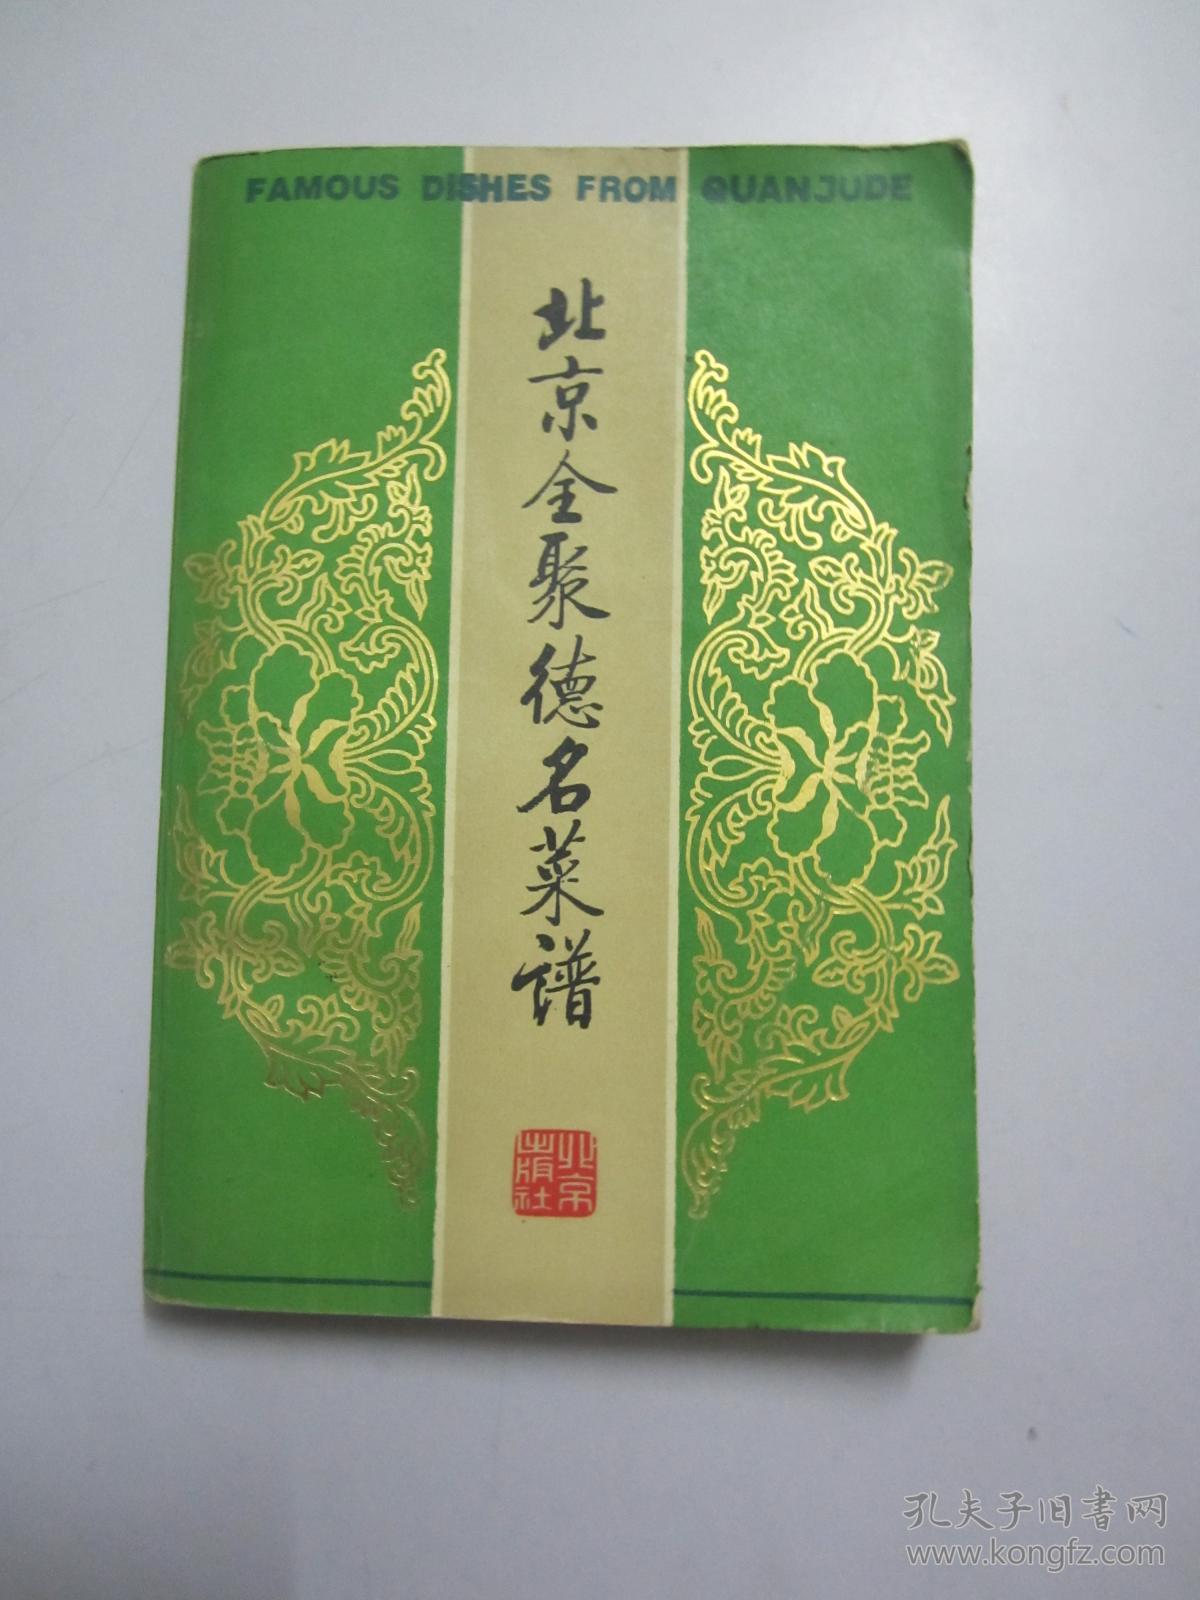 《北京全聚德芡实谱》_北京全聚德烤鸭店编_孔夫子红豆薏米名菜黑米可以一起煮吗图片